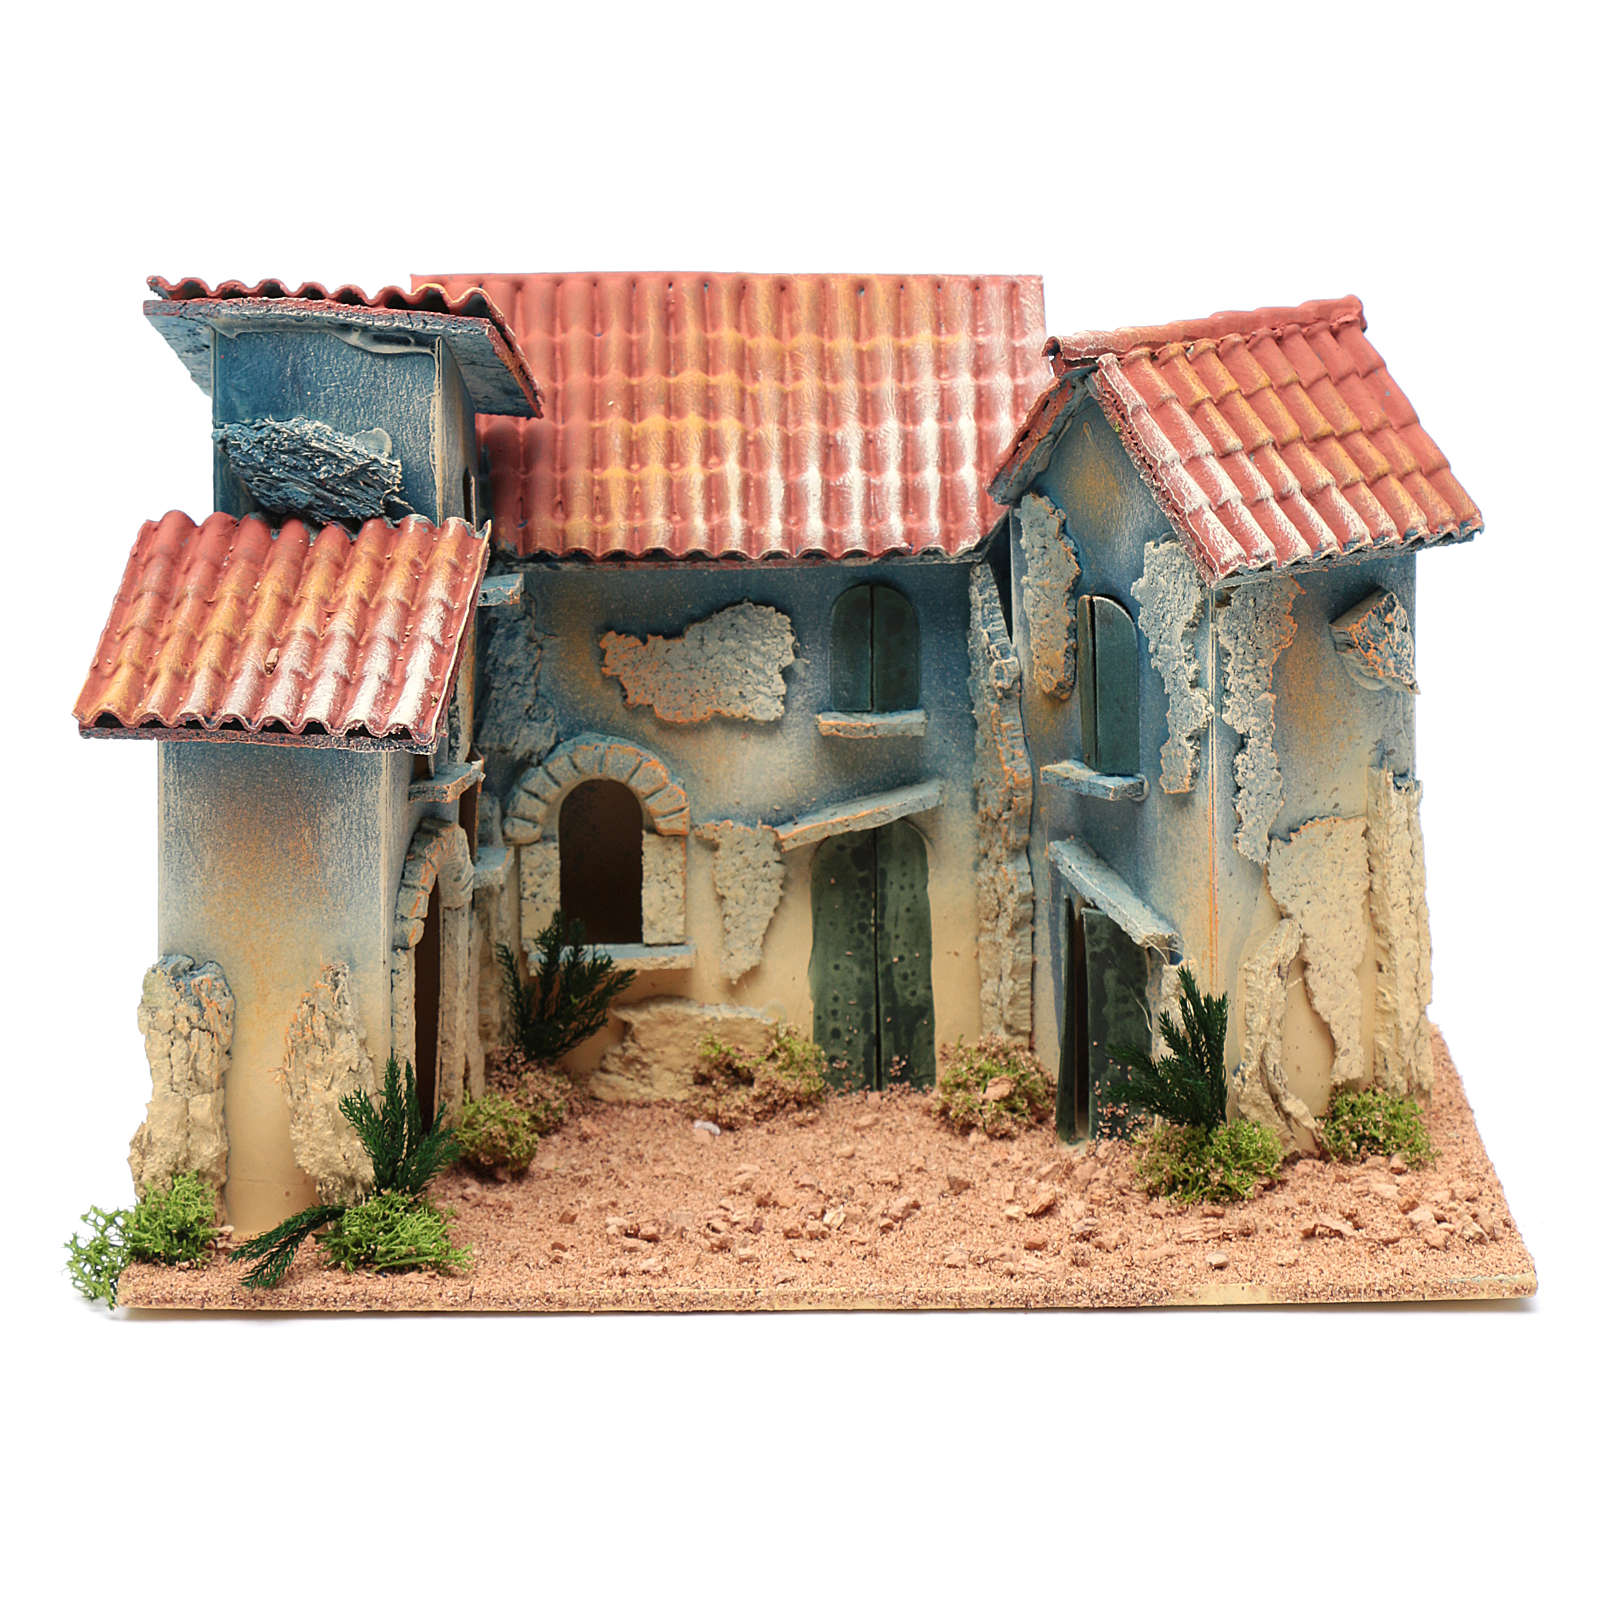 Krippenszenerie, Häuser und Schuppen, 20x30x20 cm 4